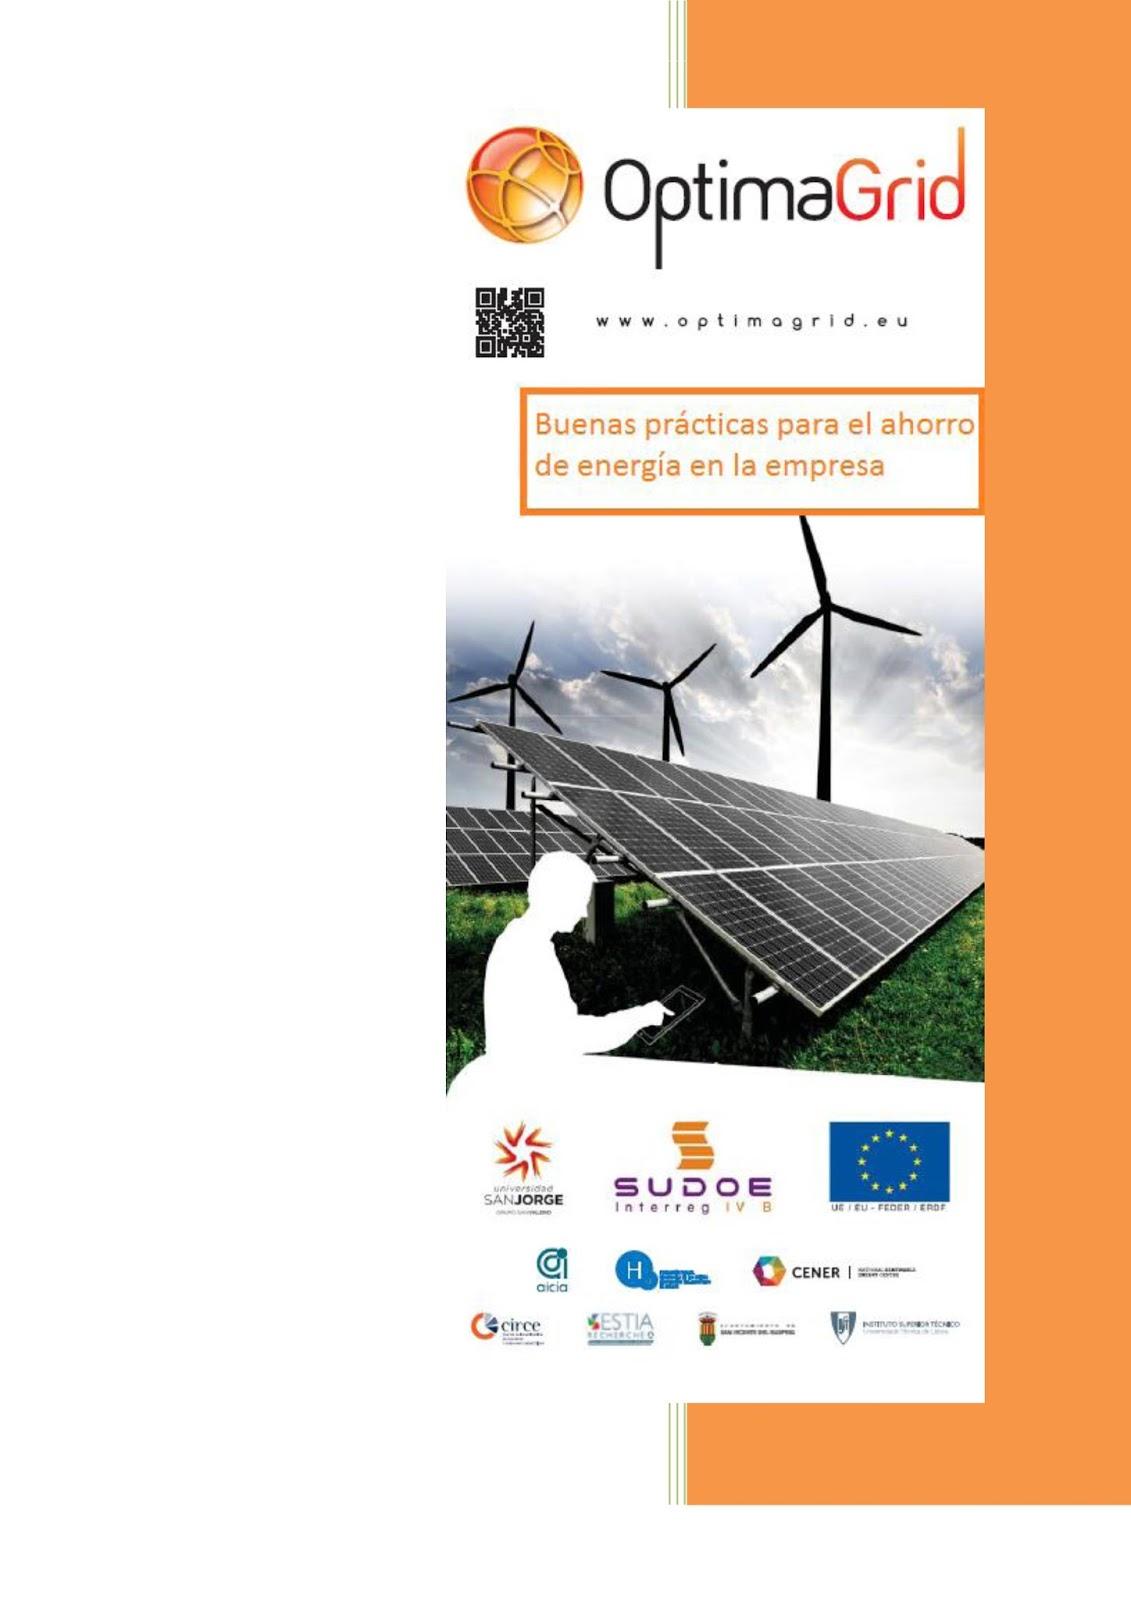 Buenas prácticas para el ahorro de energía en la empresa